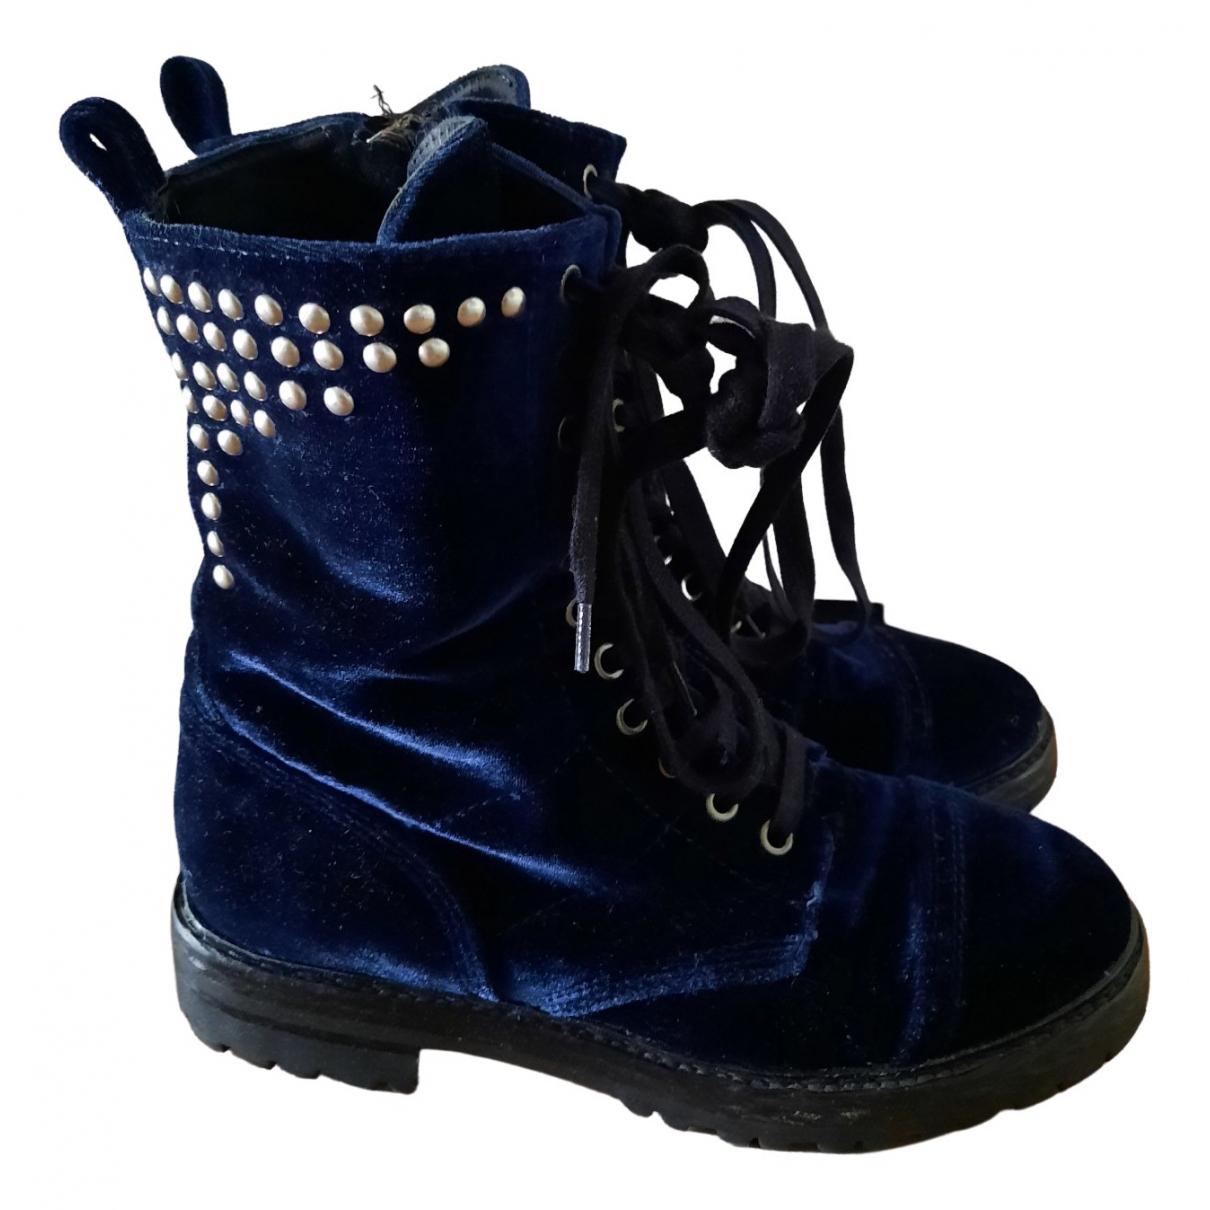 Cmmn Swdn - Bottes   pour femme en velours - bleu